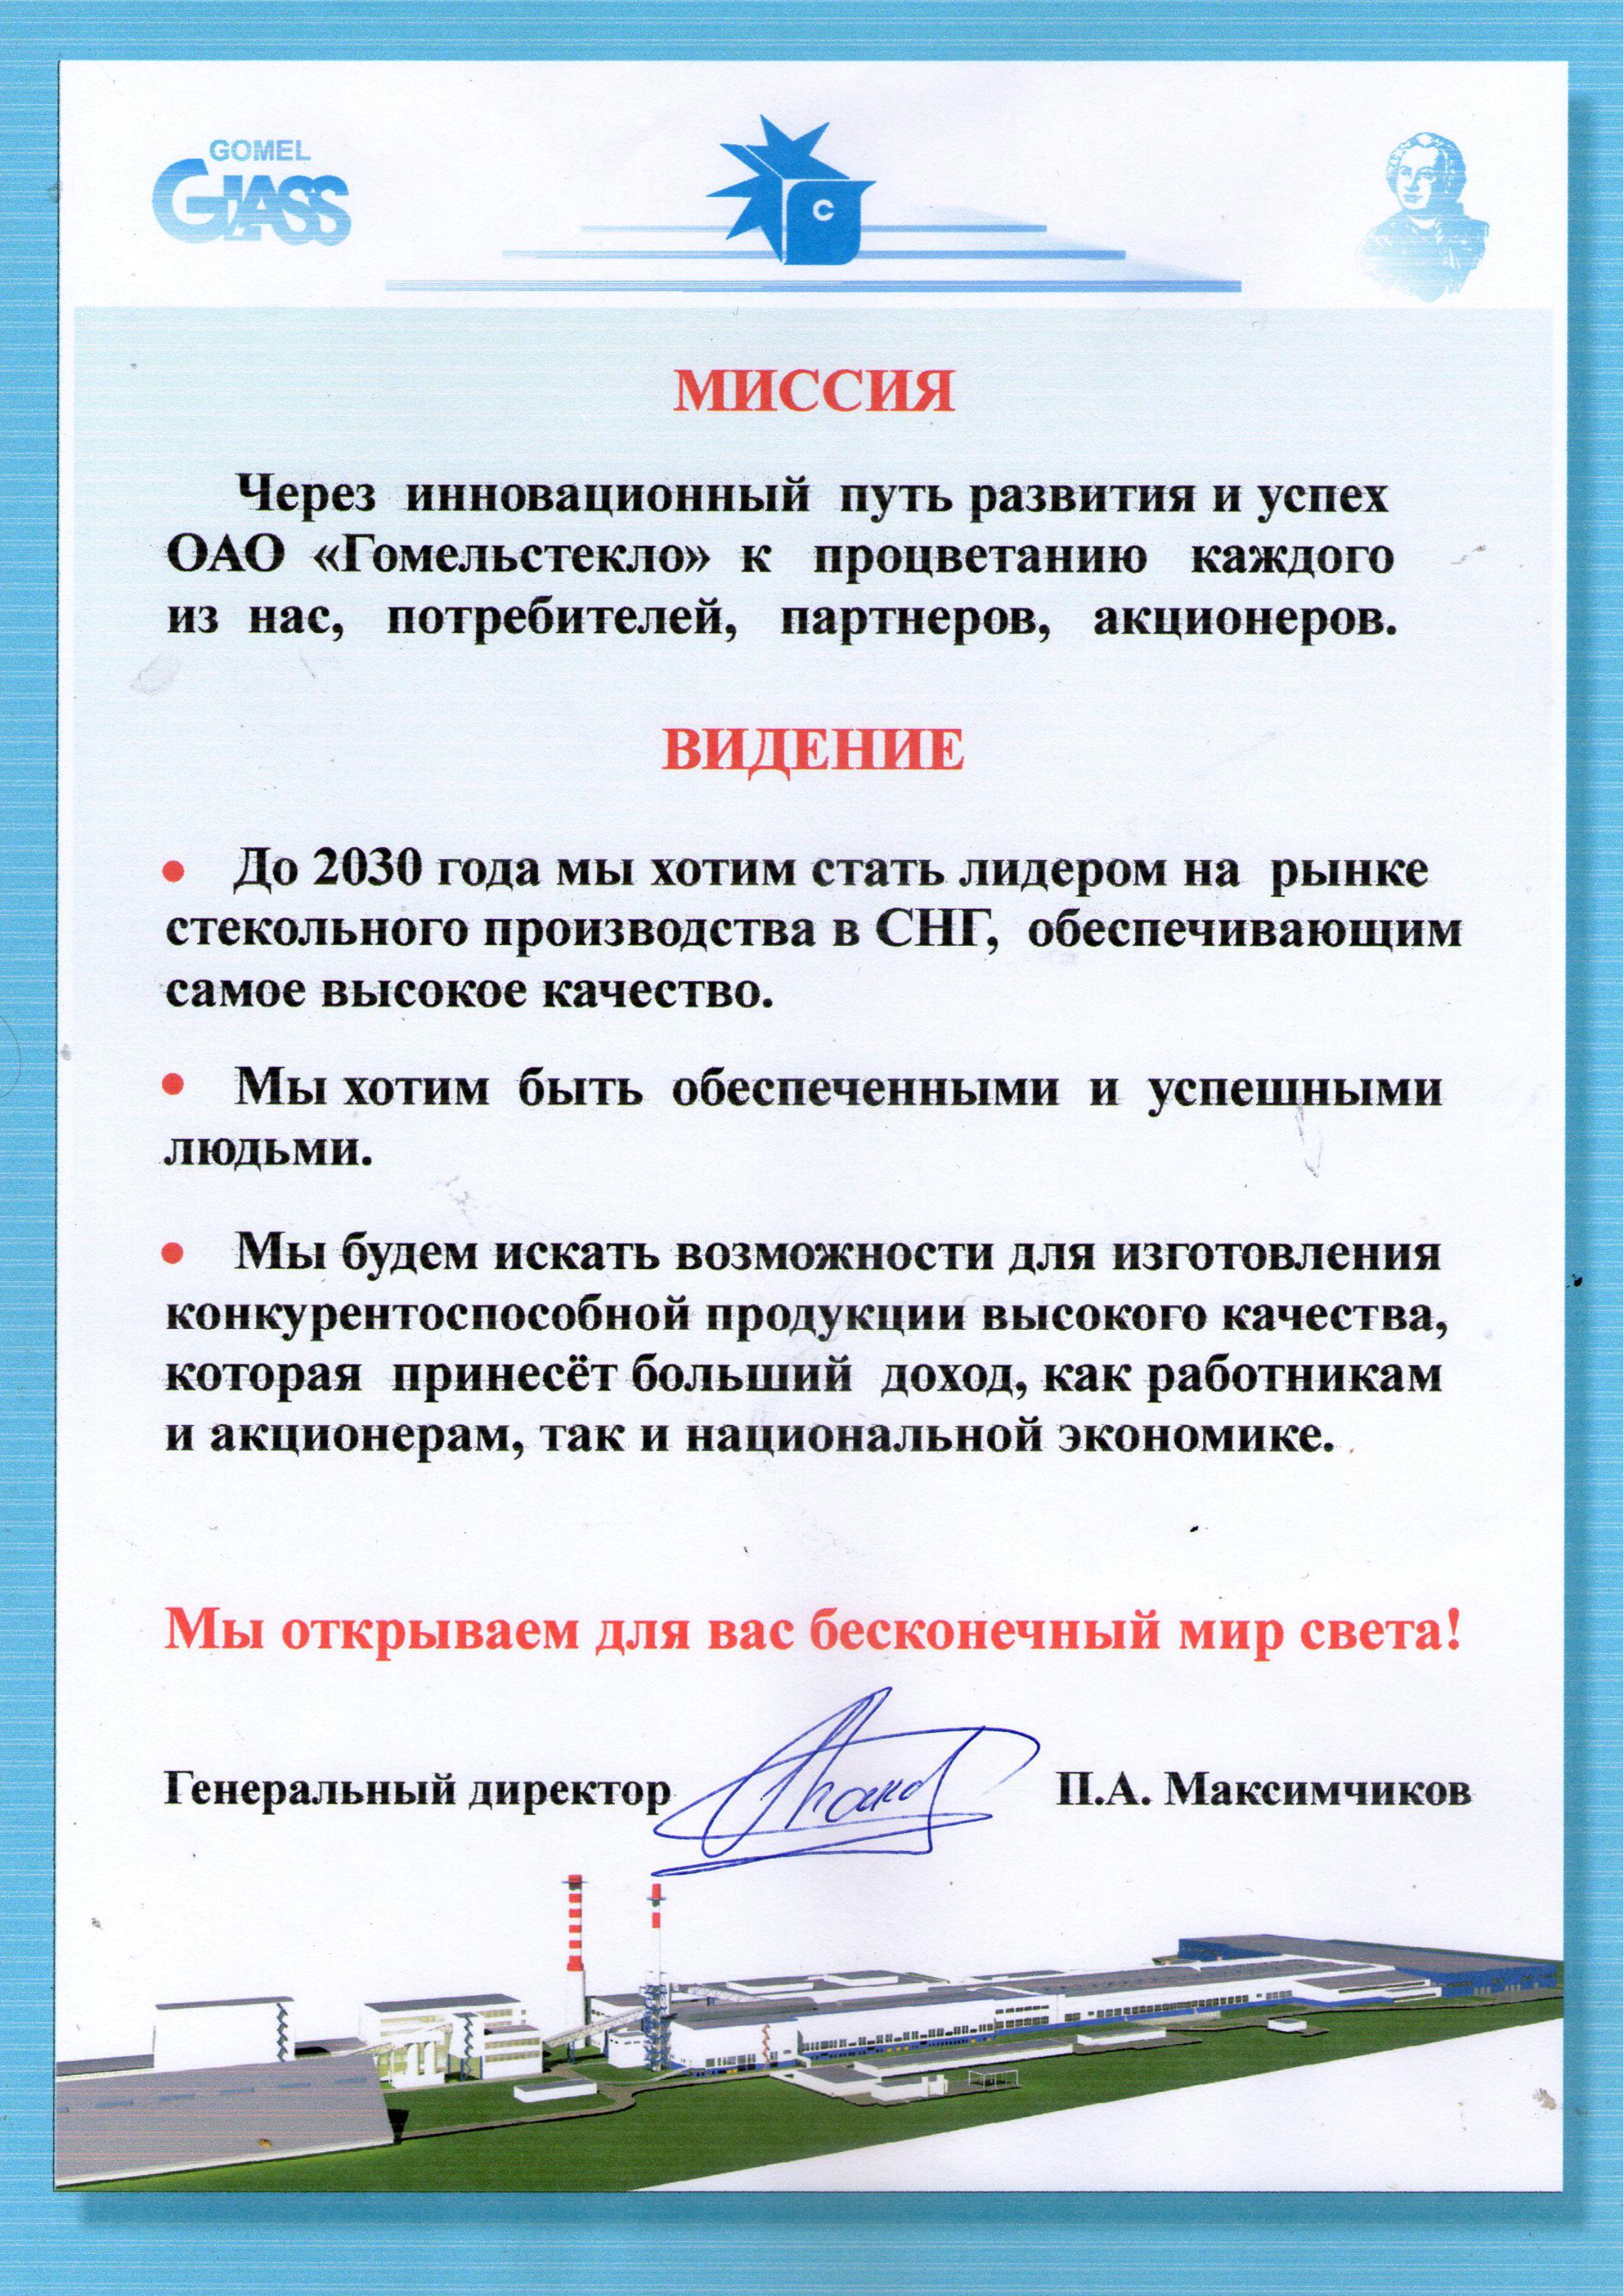 Оао гомельский стекольный завод сертификация продукции ано электро сертификация